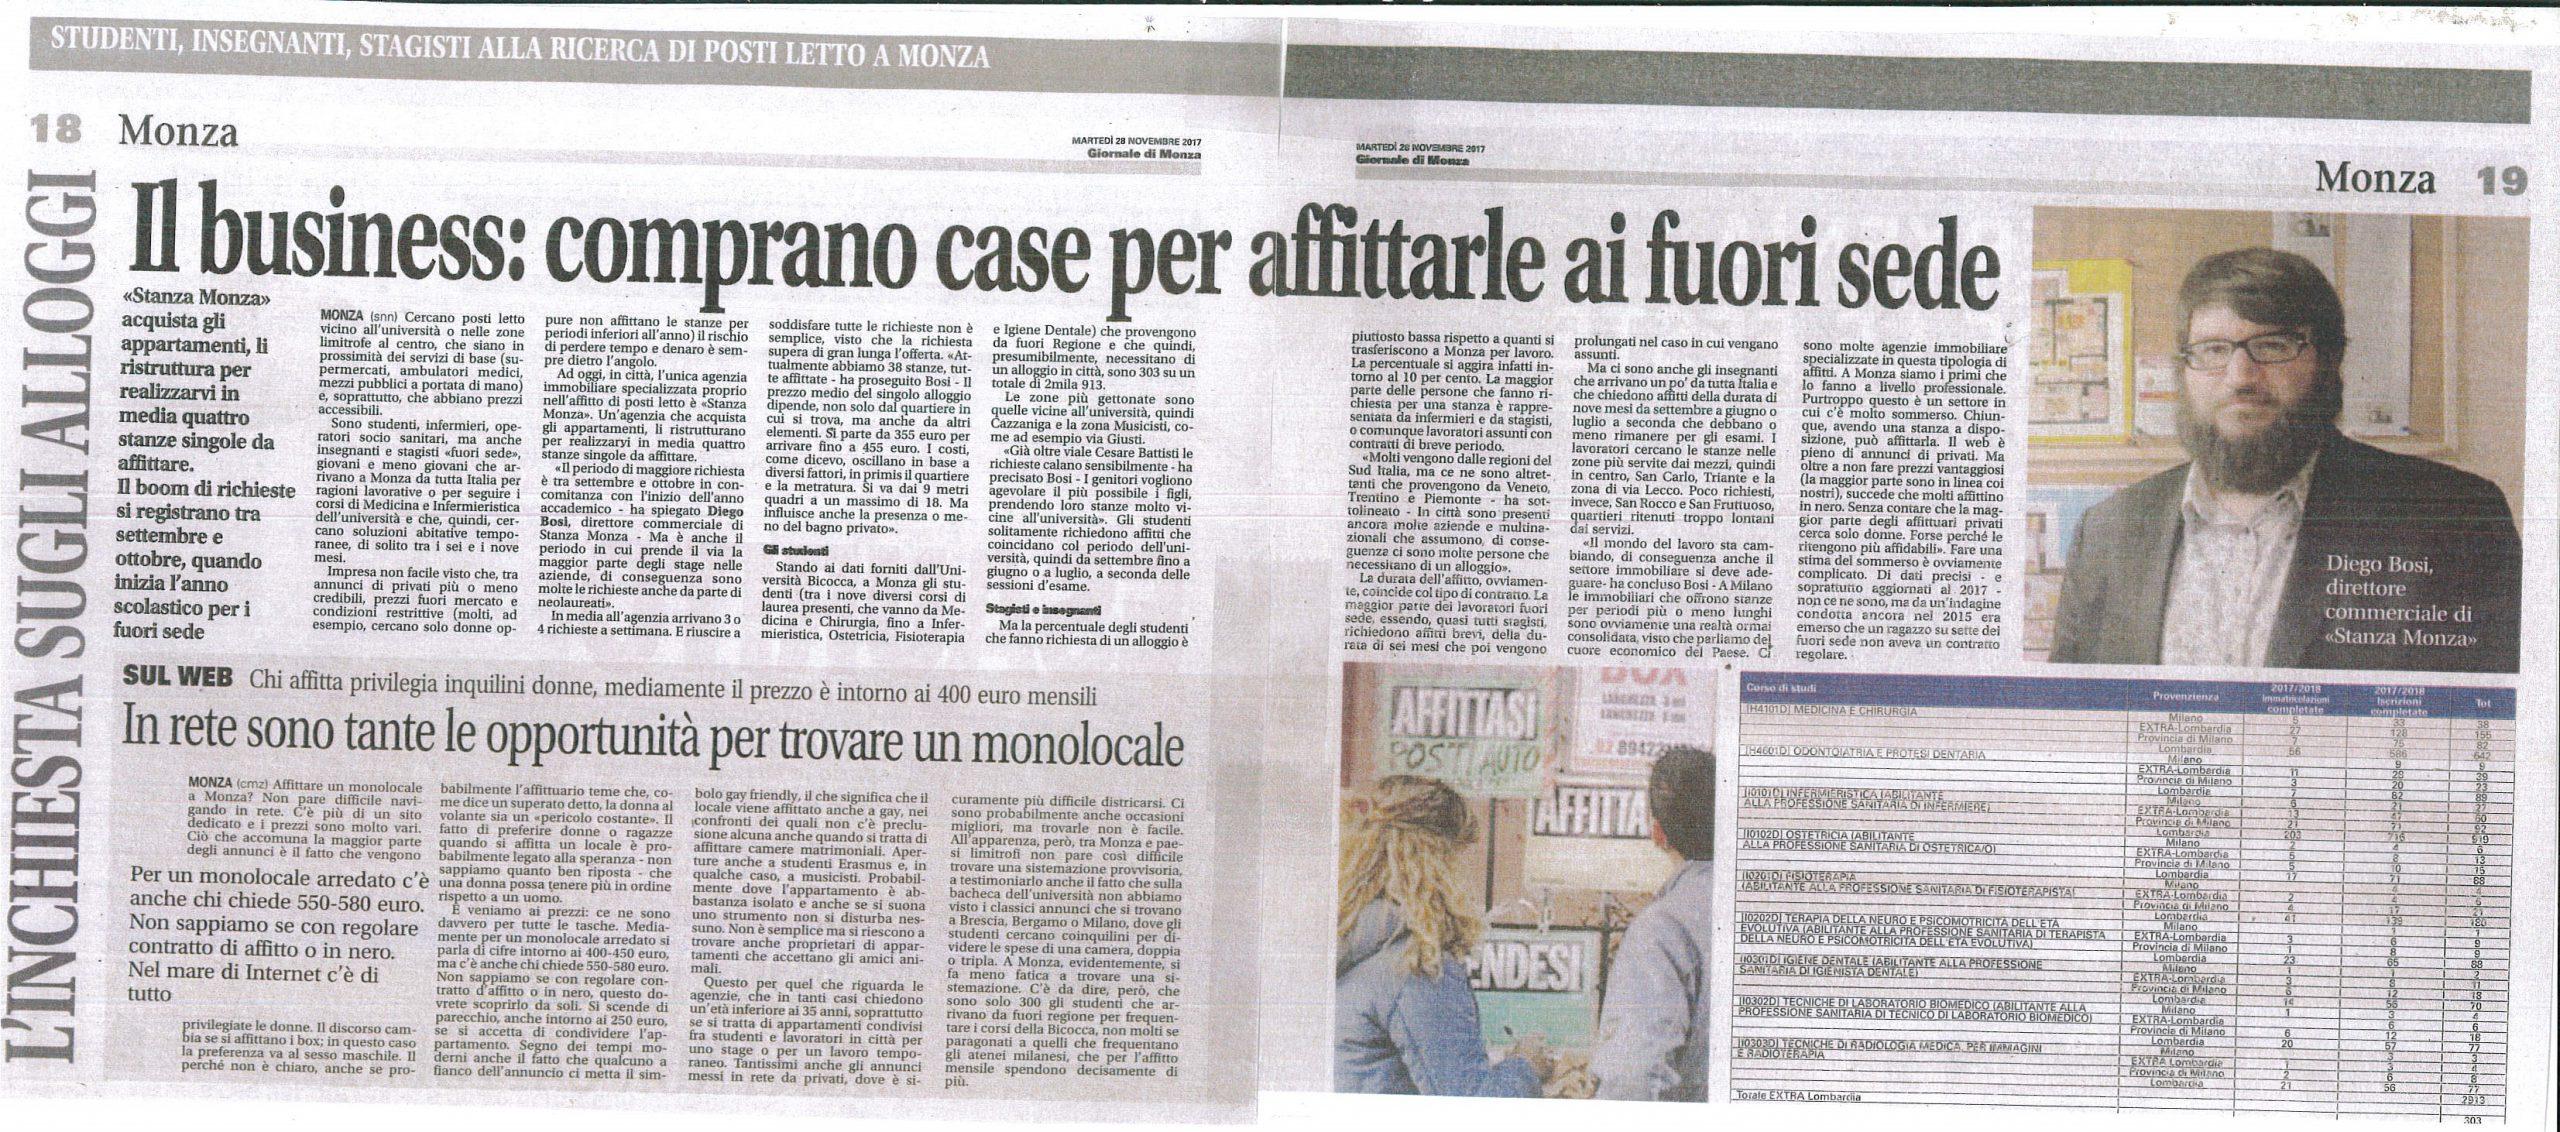 Articolo Giornale di Monza 29-11-17